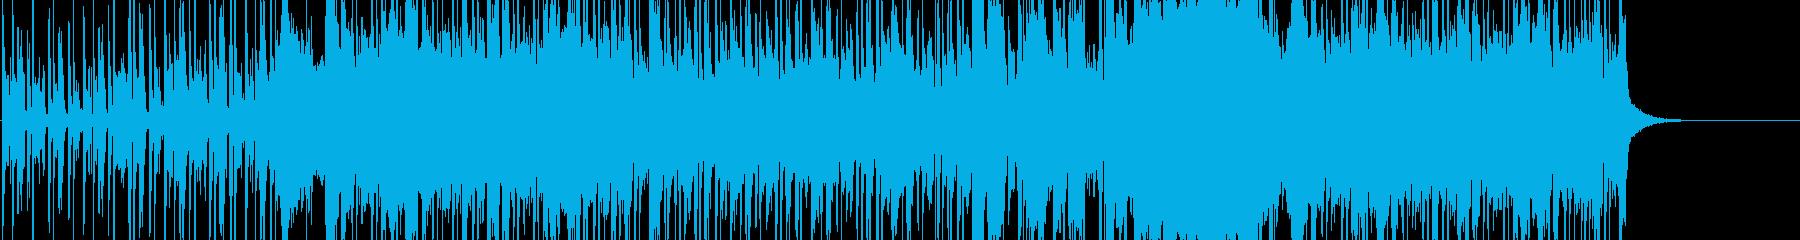 ファンキーロックミュージックの再生済みの波形